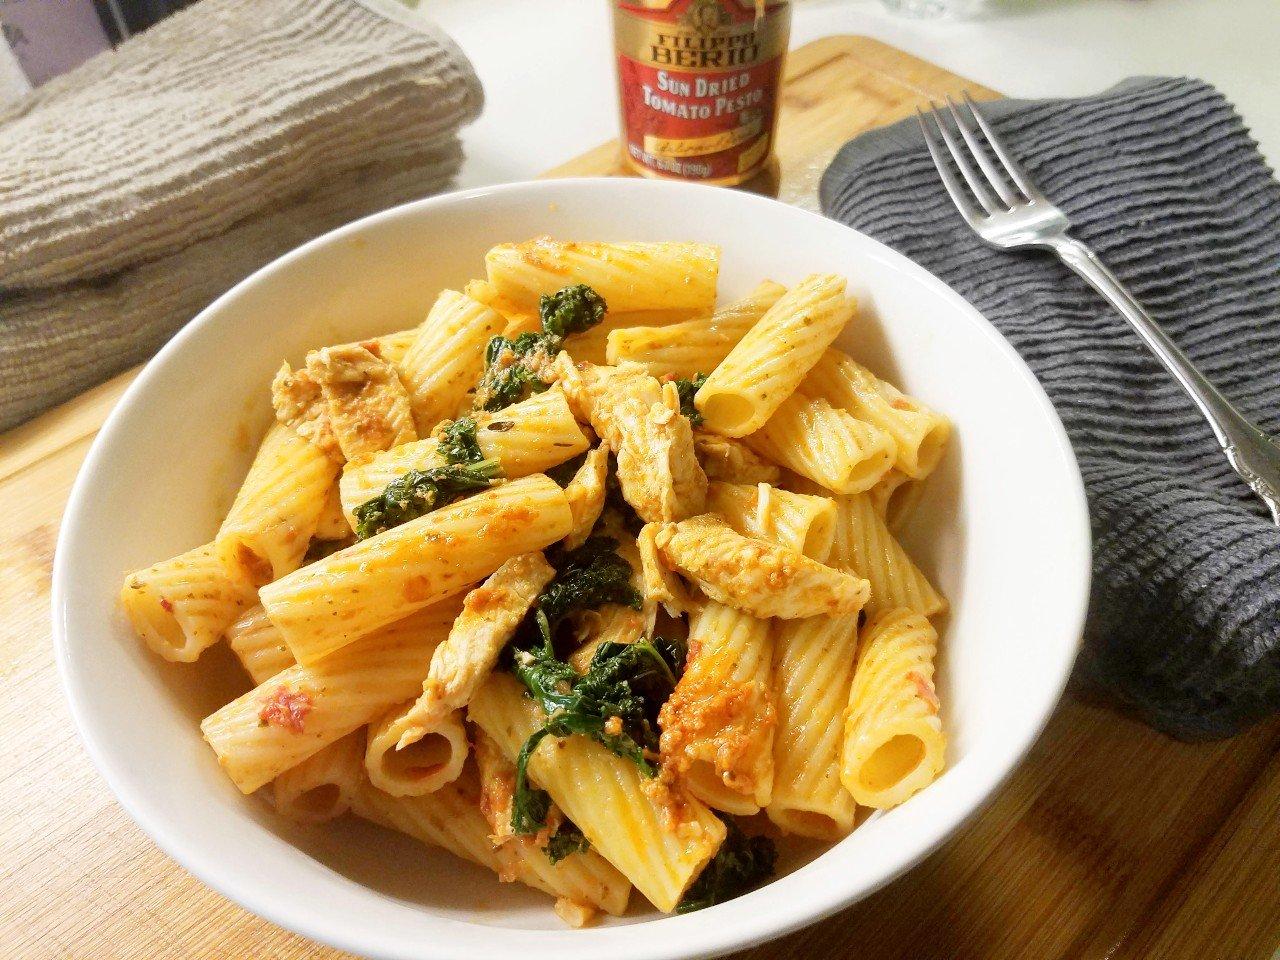 sun-dried tomato pesto pasta with chicken